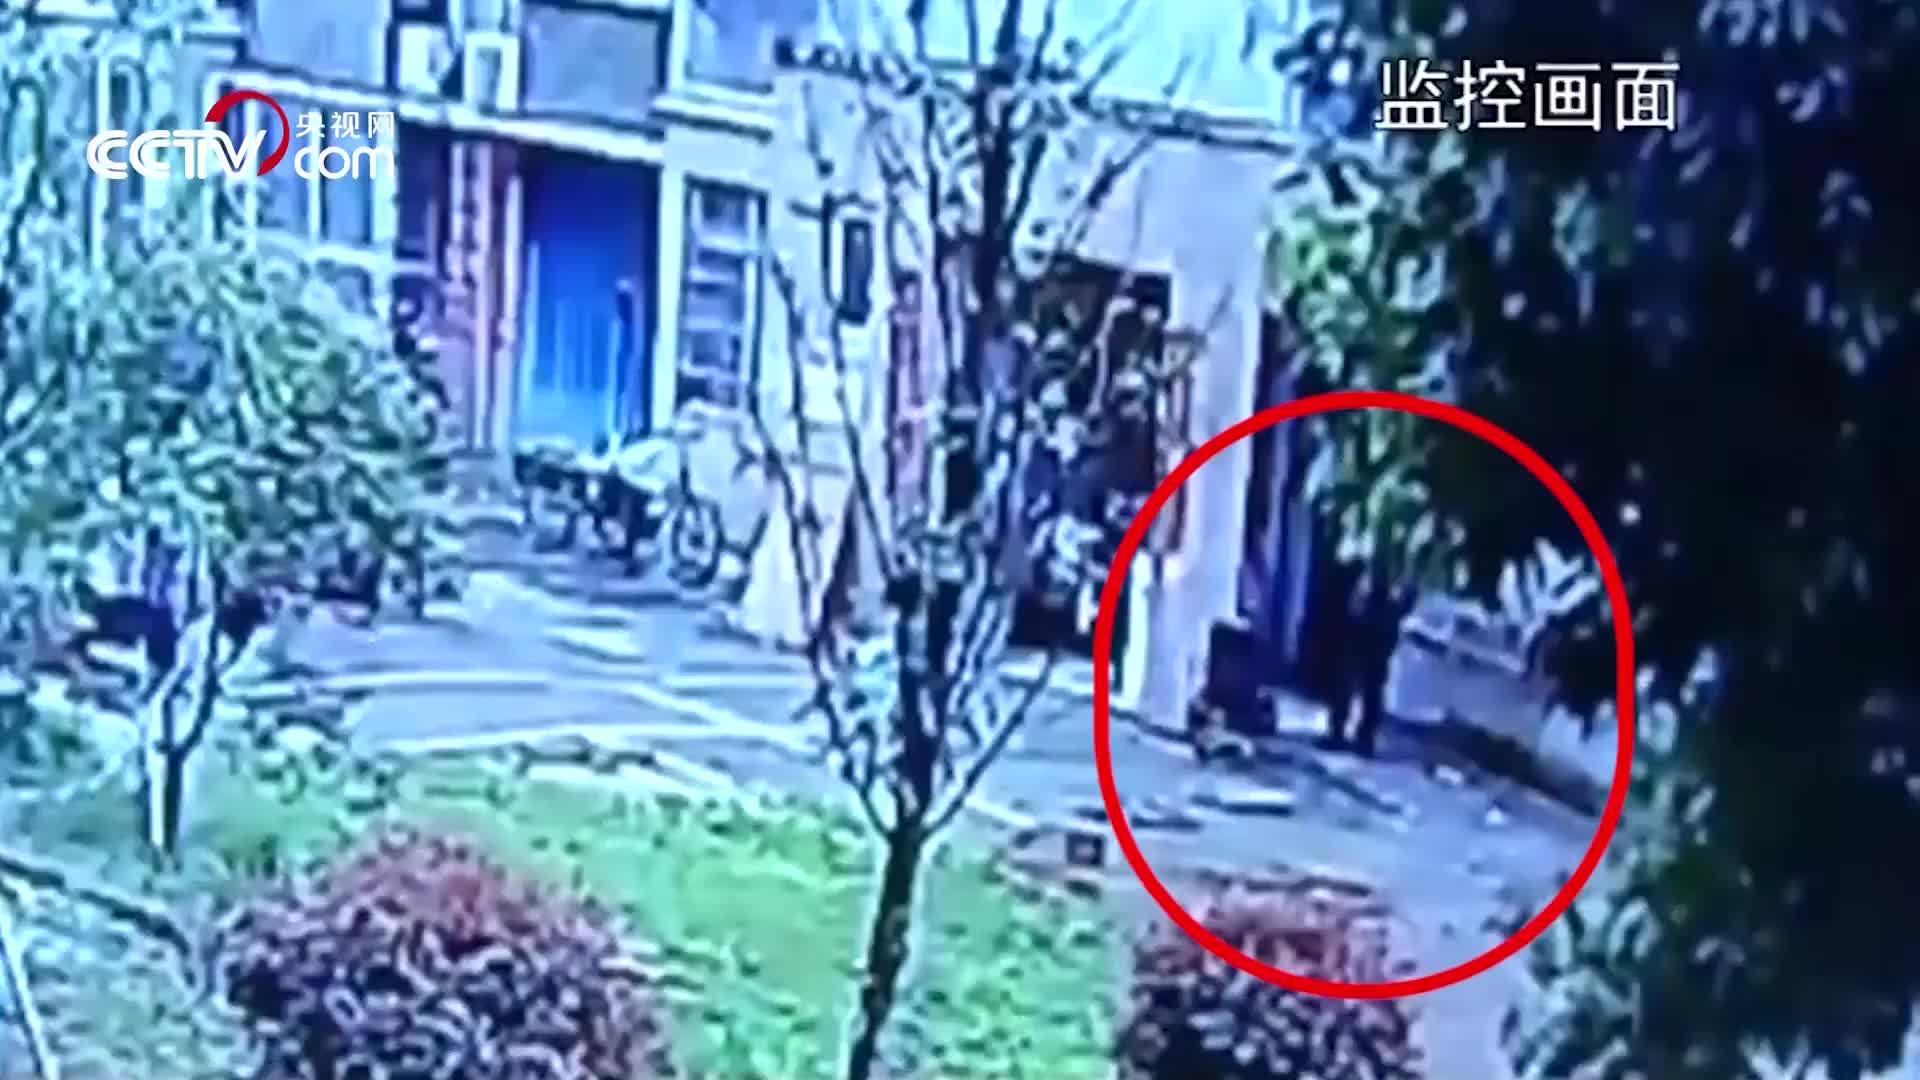 [视频]高空抛下共享单车砸中楼下老人 监控曝光恐怖瞬间